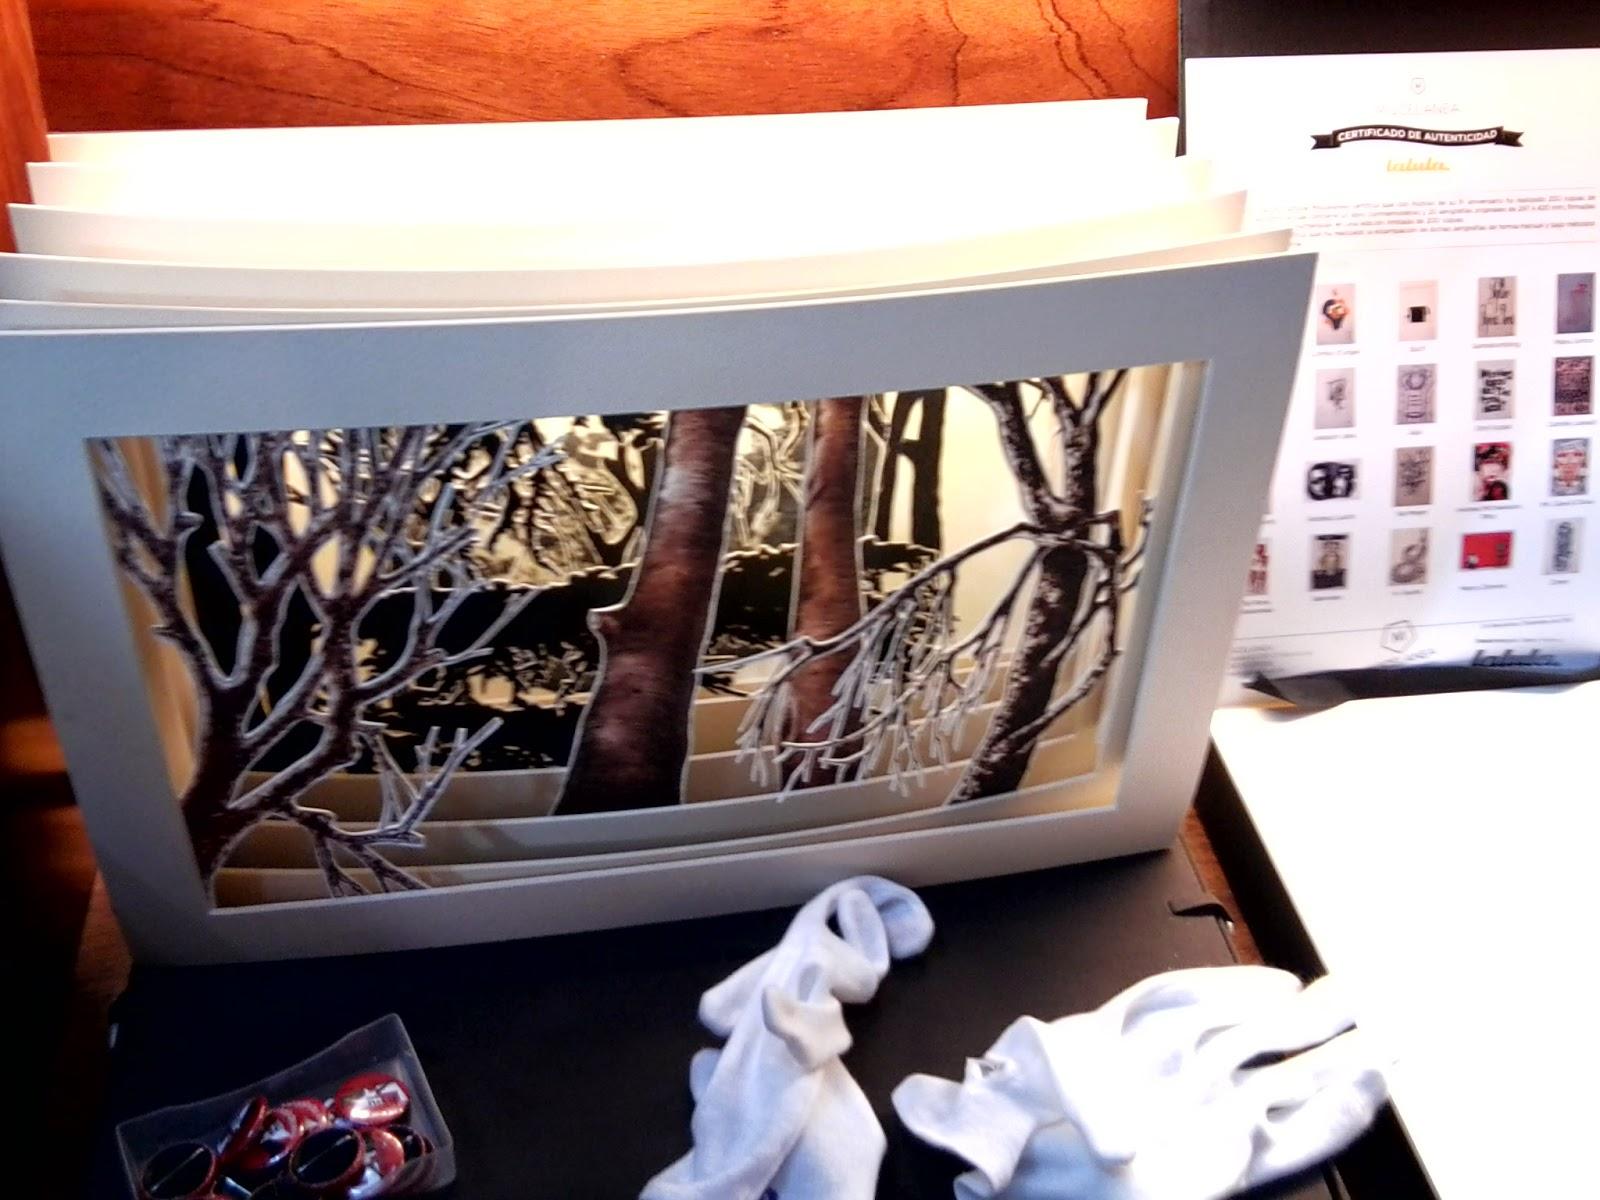 Agenda Arty, Voa Gallery, Yvonne Brochard, Victim of art, Arte contemporáneo, Blogs de arte, Fernando Vicente, Museo ABC, Narciso Mendez Bringa, Fundacion Lazaro Galdiano, Exposiciones temporales, Madrid, Video art, Ilustación, Ilustradores españoles, Coleccionistas,  Universos, Ferias, Masquelibros, Mas que libros,